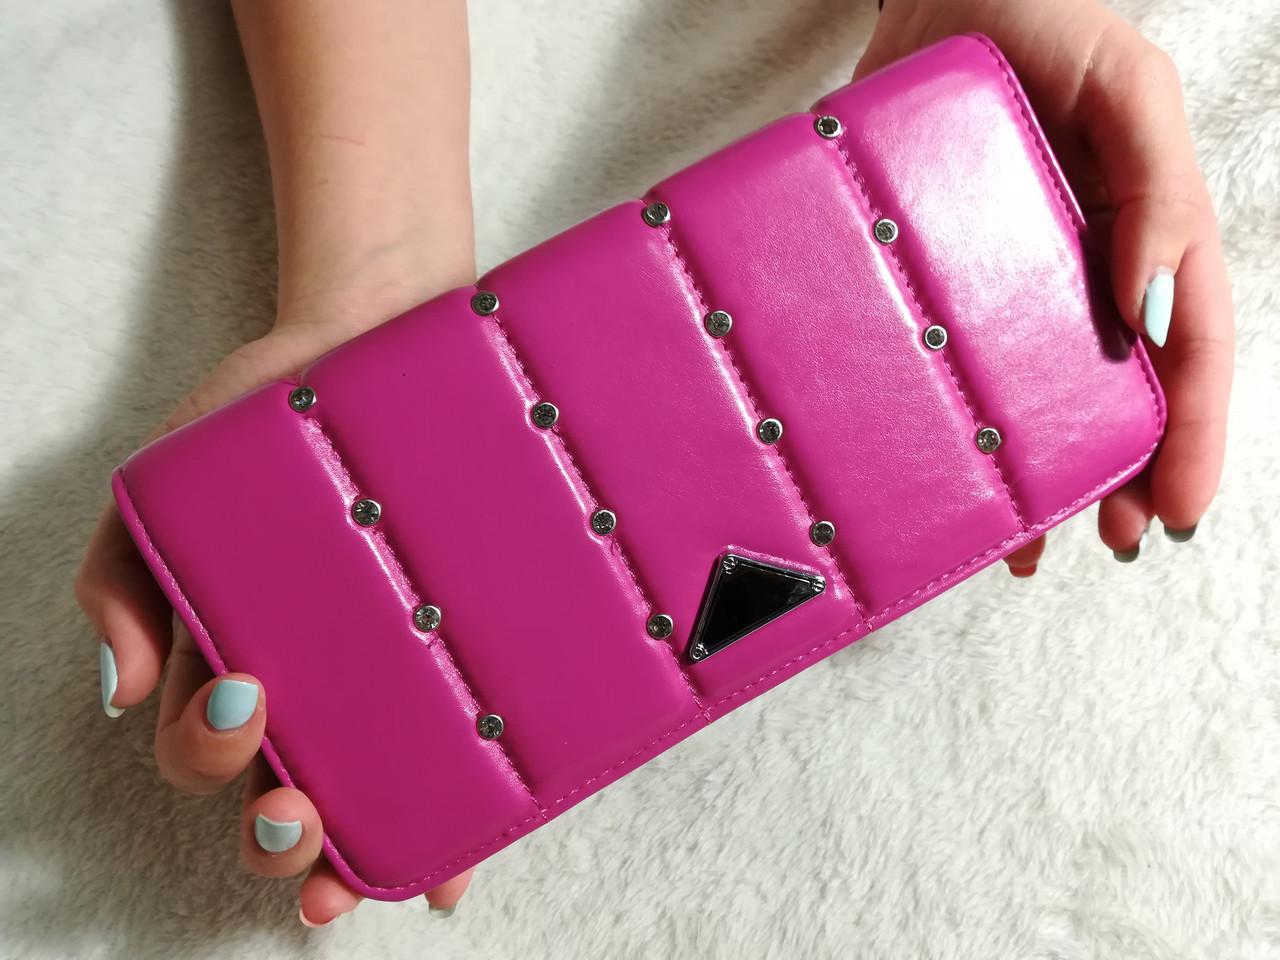 Женский Вместительный кошелек, розовый со стразами на молнии